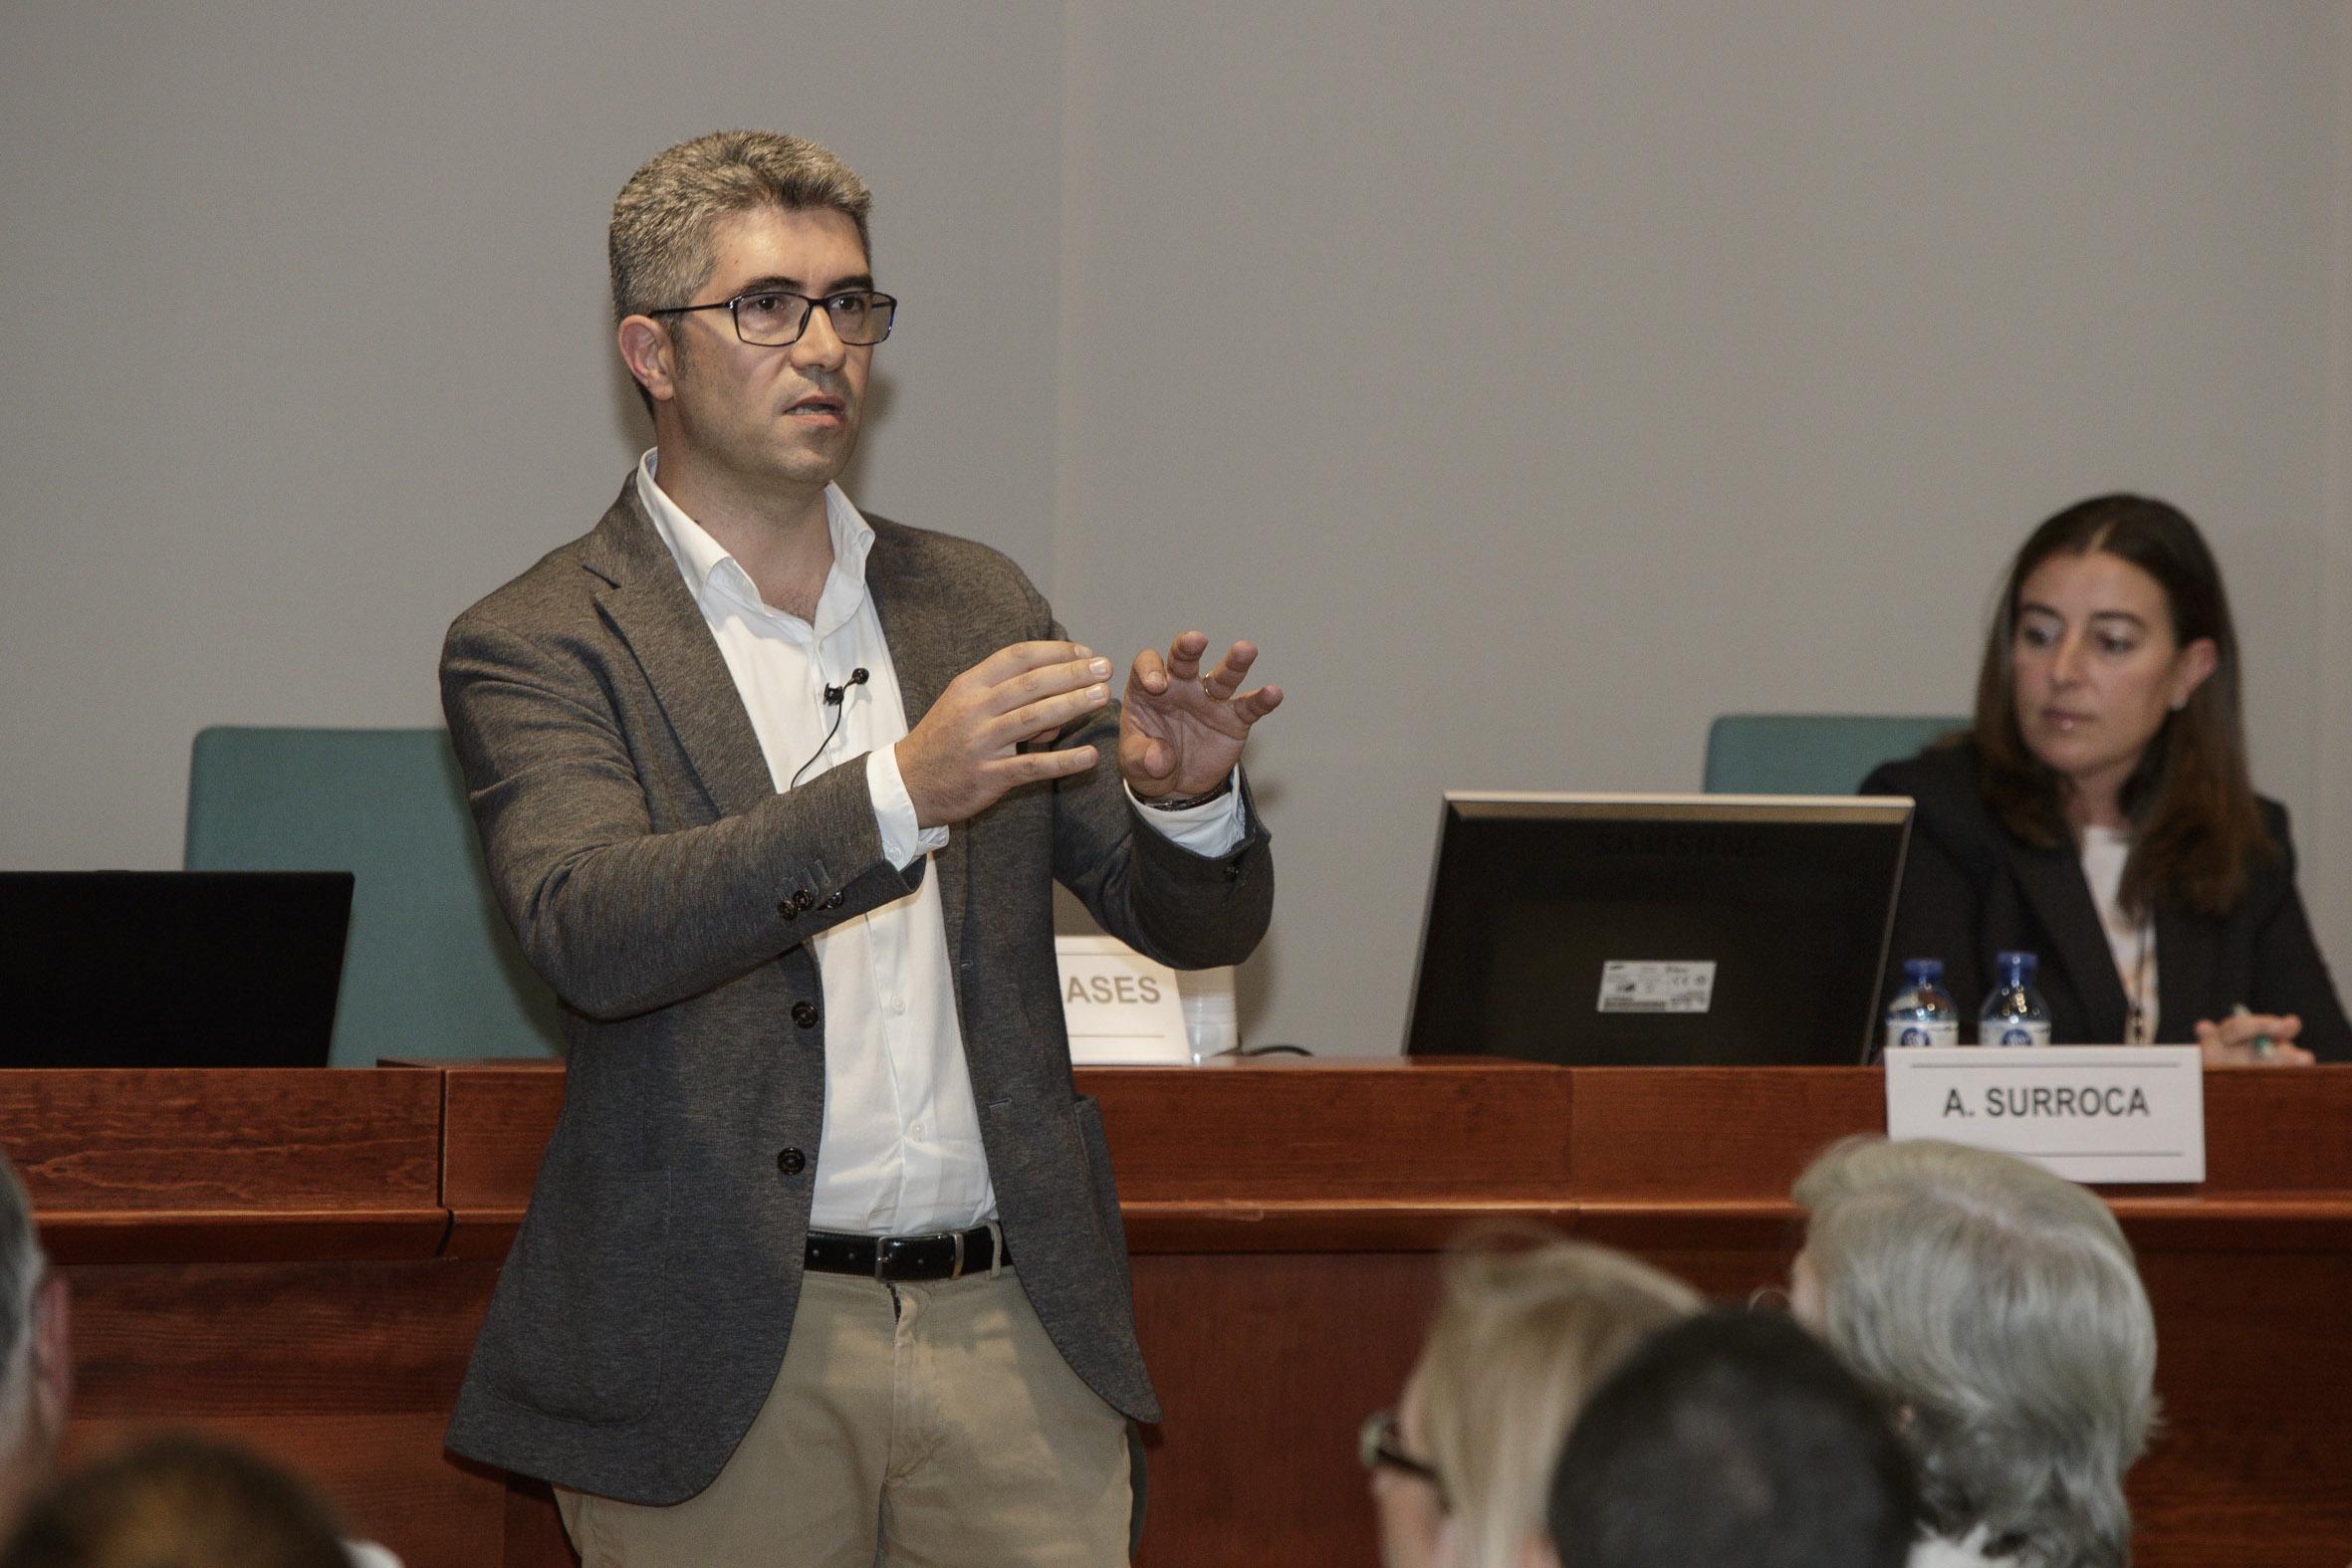 """El Dr. Bartrés-Faz, durant un moment de la conferència """"Barcelona Brain Health Initiative: Estils de vida i salut cerebral"""""""